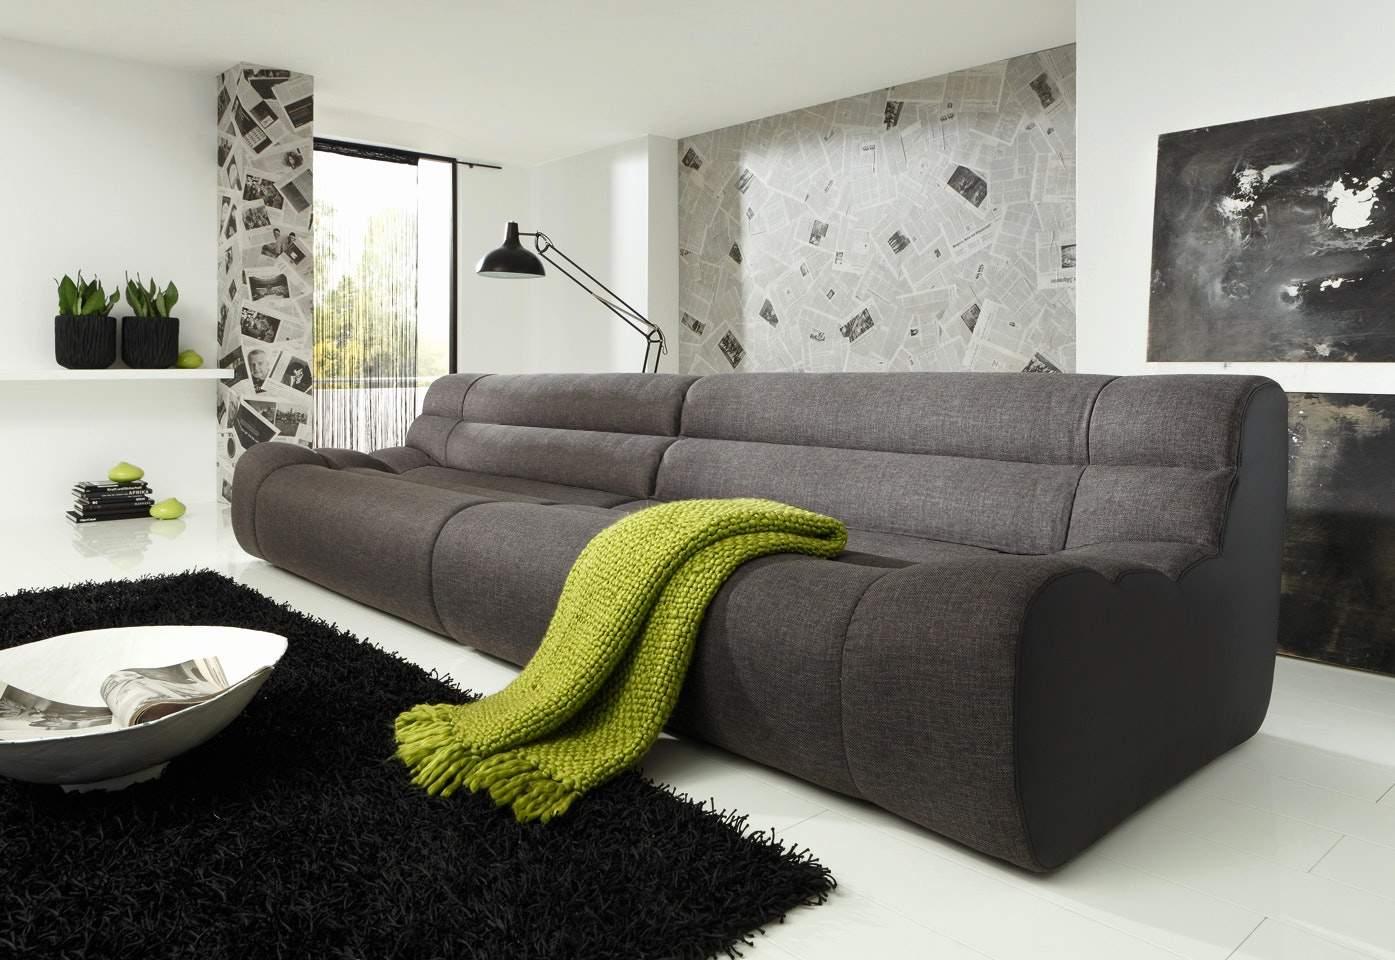 ideen furs wohnzimmer schon schone wohnzimmer ideen neu was fur holz fur terrasse of ideen furs wohnzimmer 1